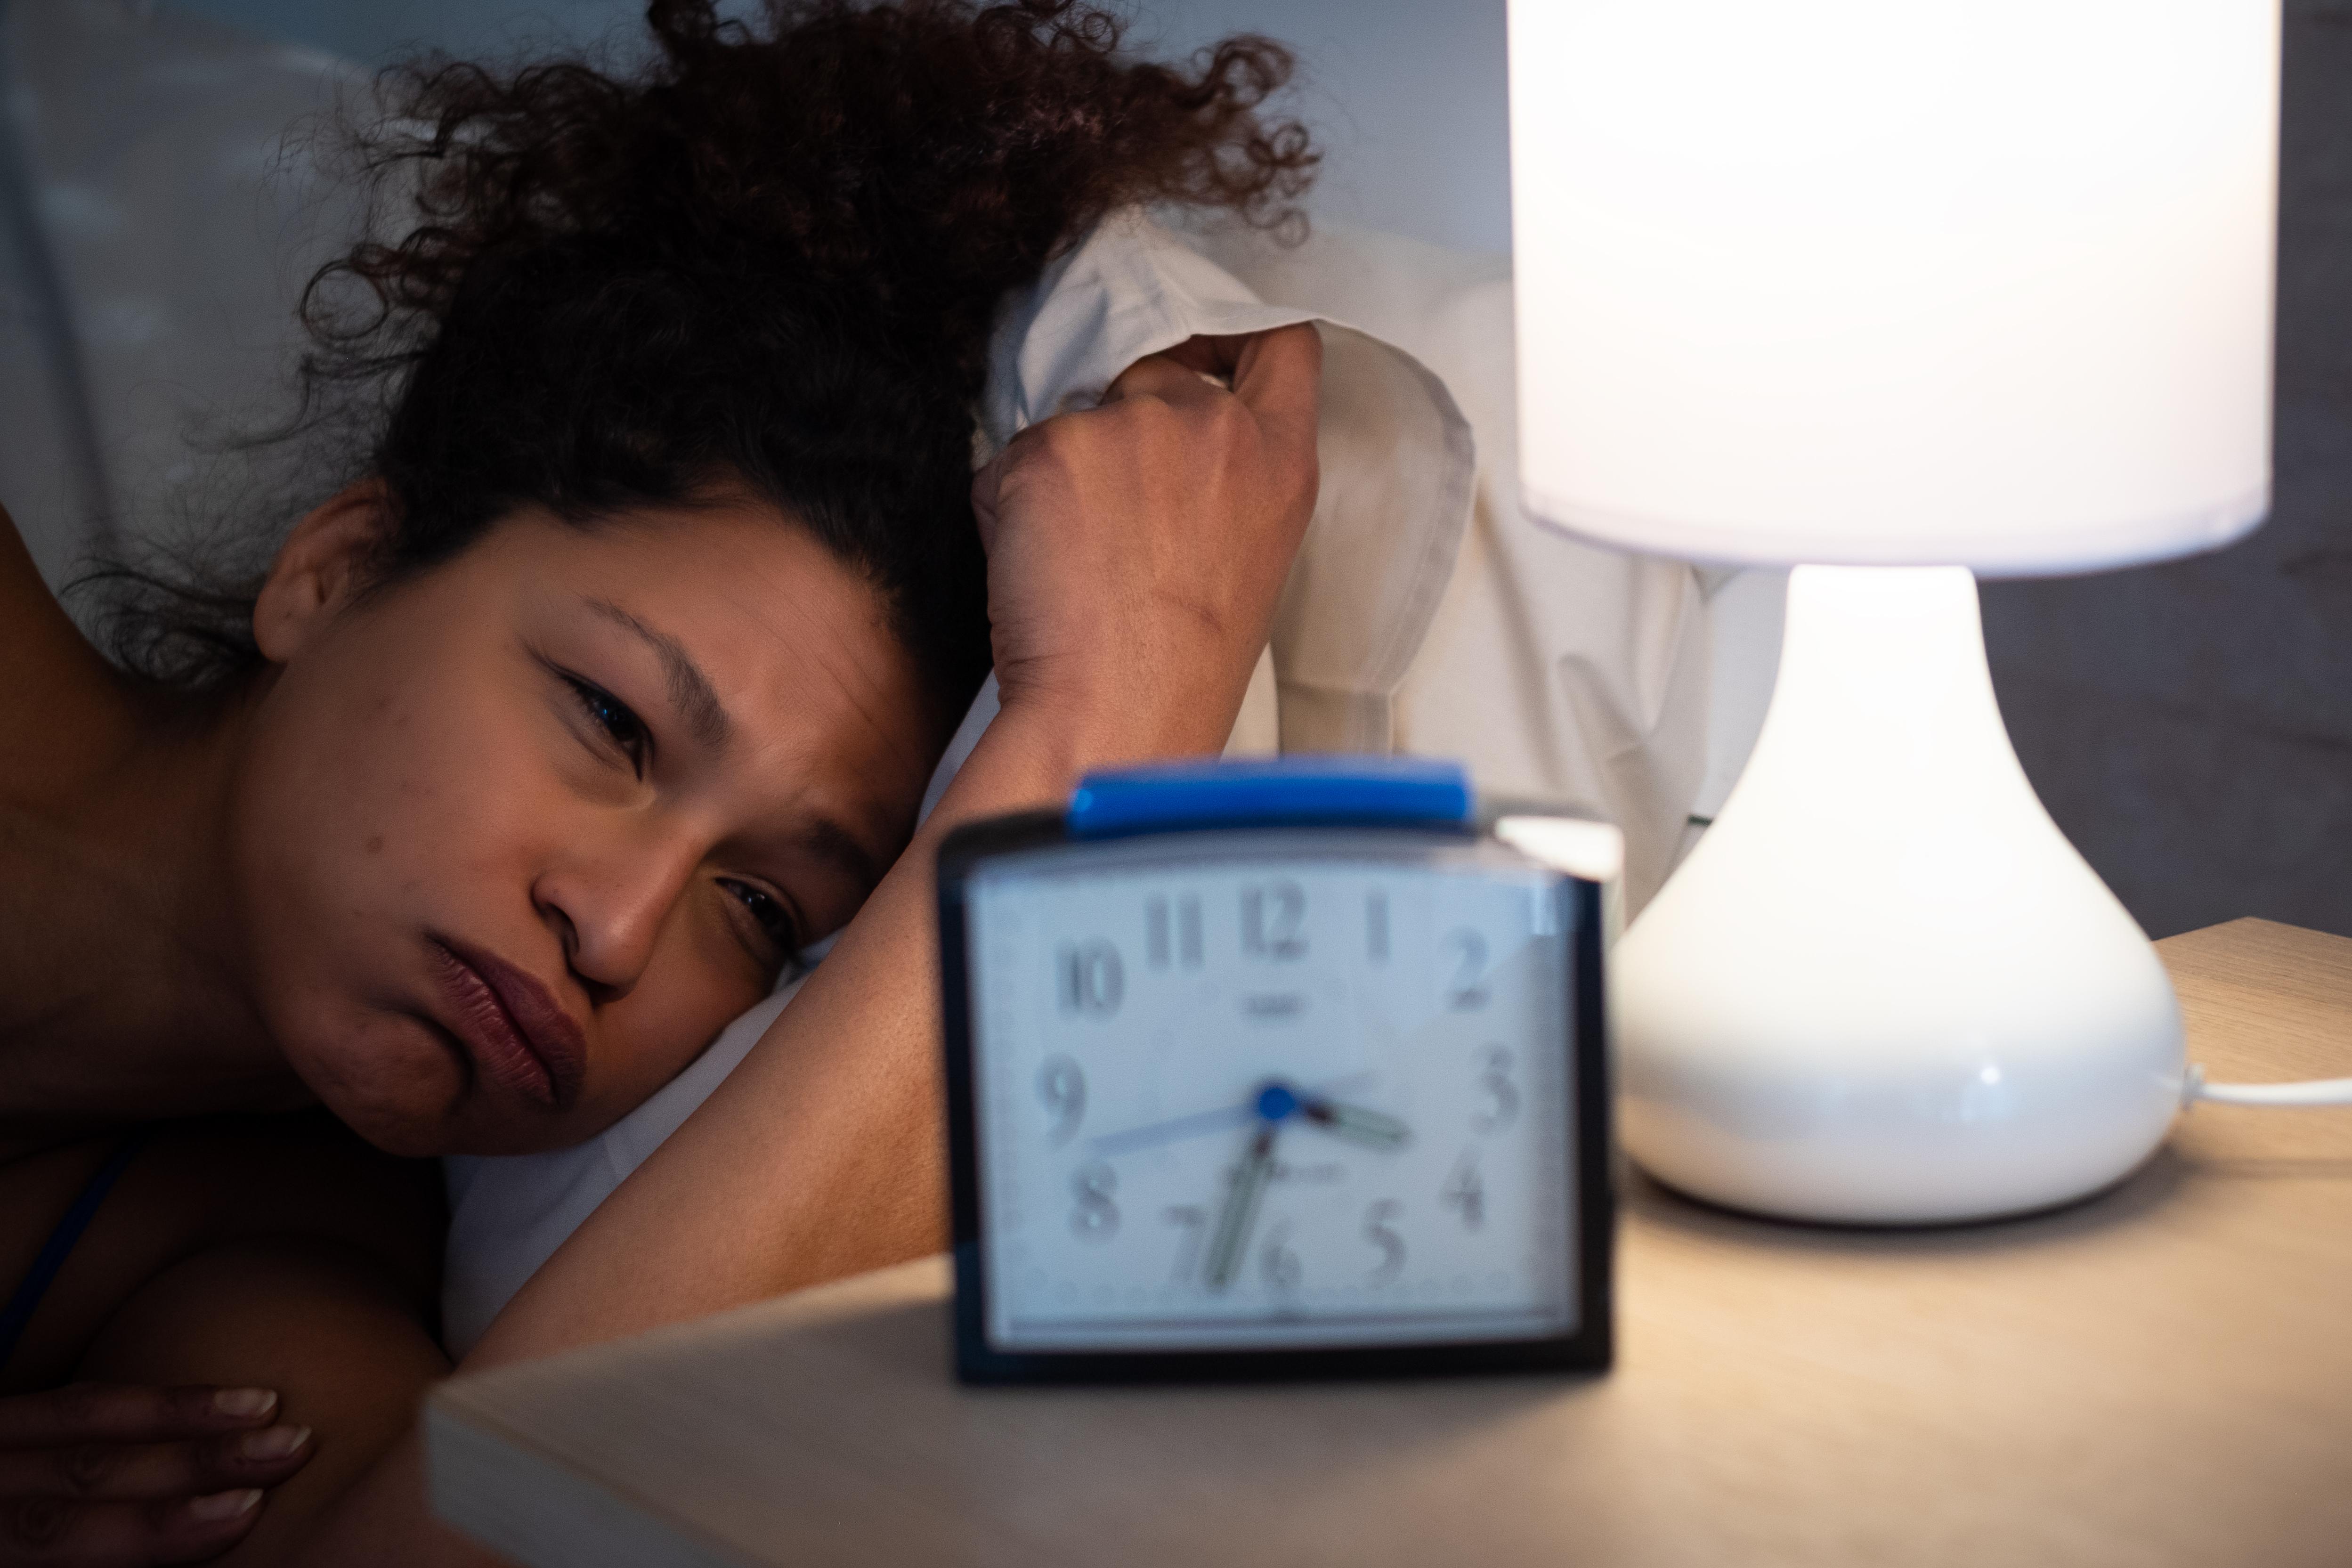 <p>5. Не спите достатъчно Адекватното количесвто сън е изключително важено за вашето здраве. Сънят се изисква за правилното функциониране на мозъка и имунната система и е свързан с по-нисък риск от хронични заболявания, включително сърдечни заболявания и рак. Освен това, набавянето надостатъчно сън е фактор за контролиране на апетита, тъй като помага да се регулира грелинът, хормонът, стимулиращ апетита. Липсата на сън води до по-високи нива на грелин, поради което може да се чувствате по-гладни, когато не сте спали достатъчно. Получаването на достатъчно сън също помага да се осигурят адекватни нива на лептин, това е хормона, който насърчава чувството на ситост.</p>